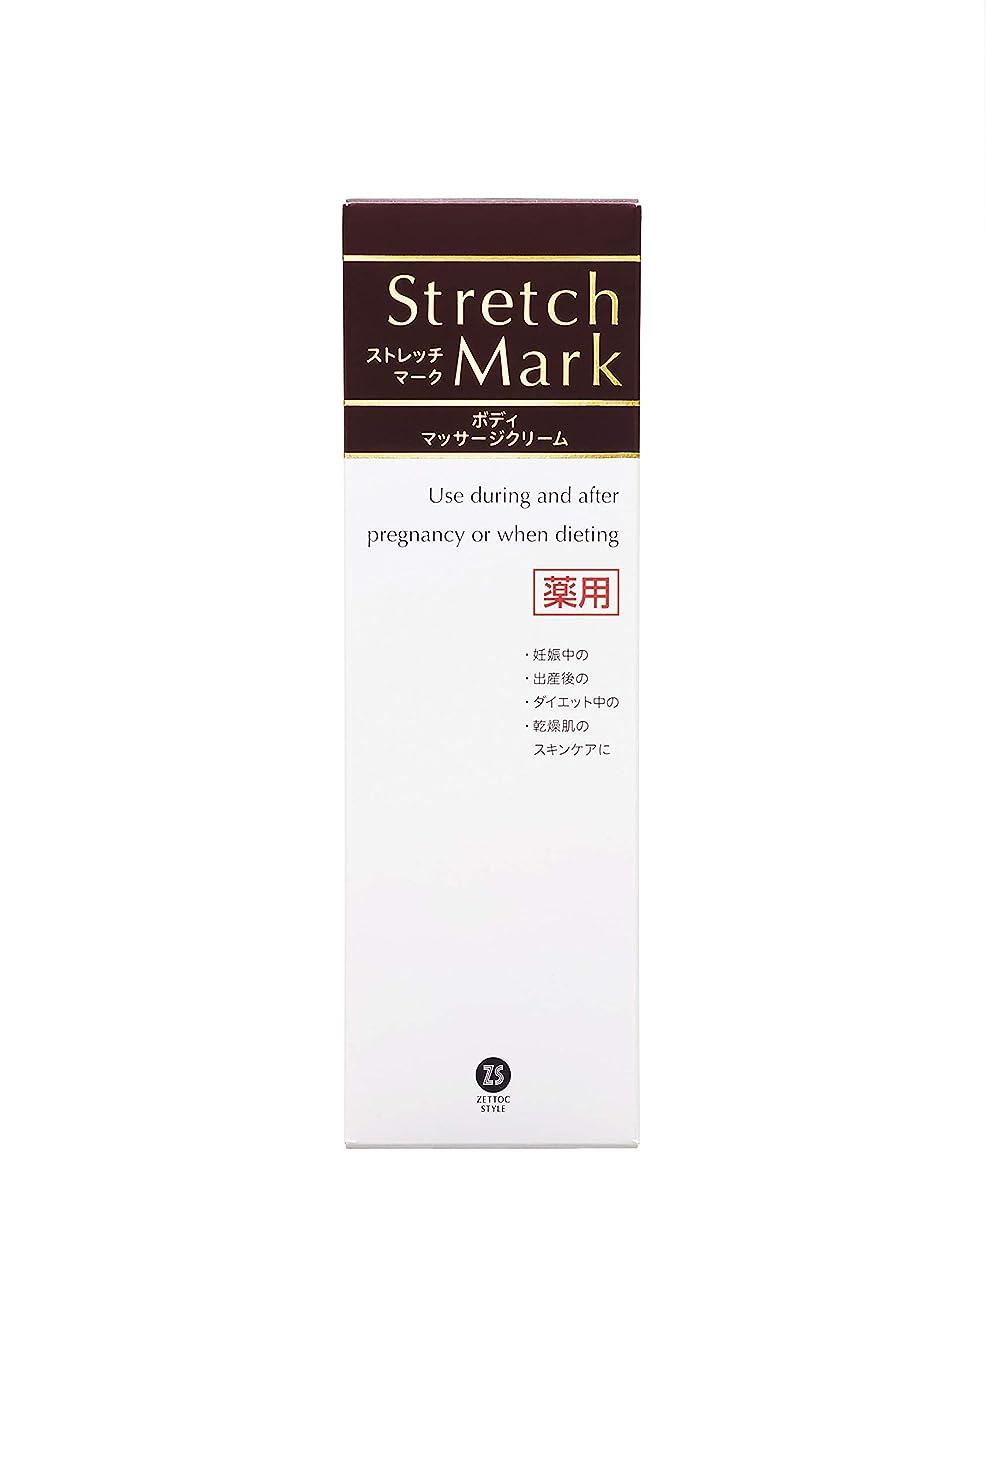 スツールアロング重要[医薬部外品]ゼトックスタイル ストレッチマーククリーム 110g